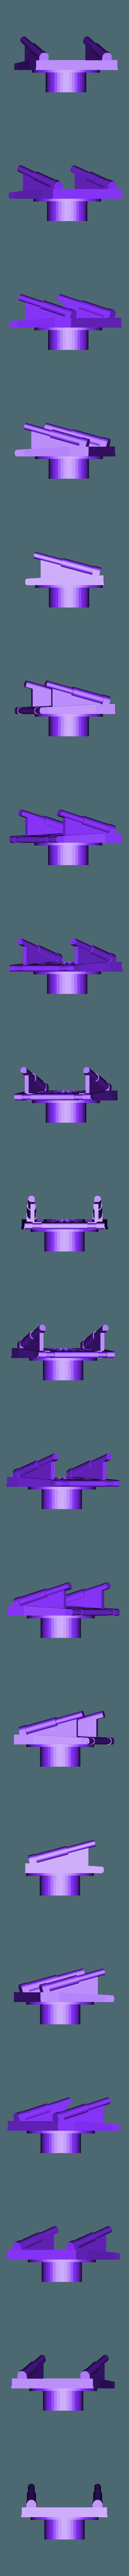 Pen holder_turntable_part3_M.stl Download STL file Missiles Launcher Pen & Pencil holder • Design to 3D print, 3dprintlines